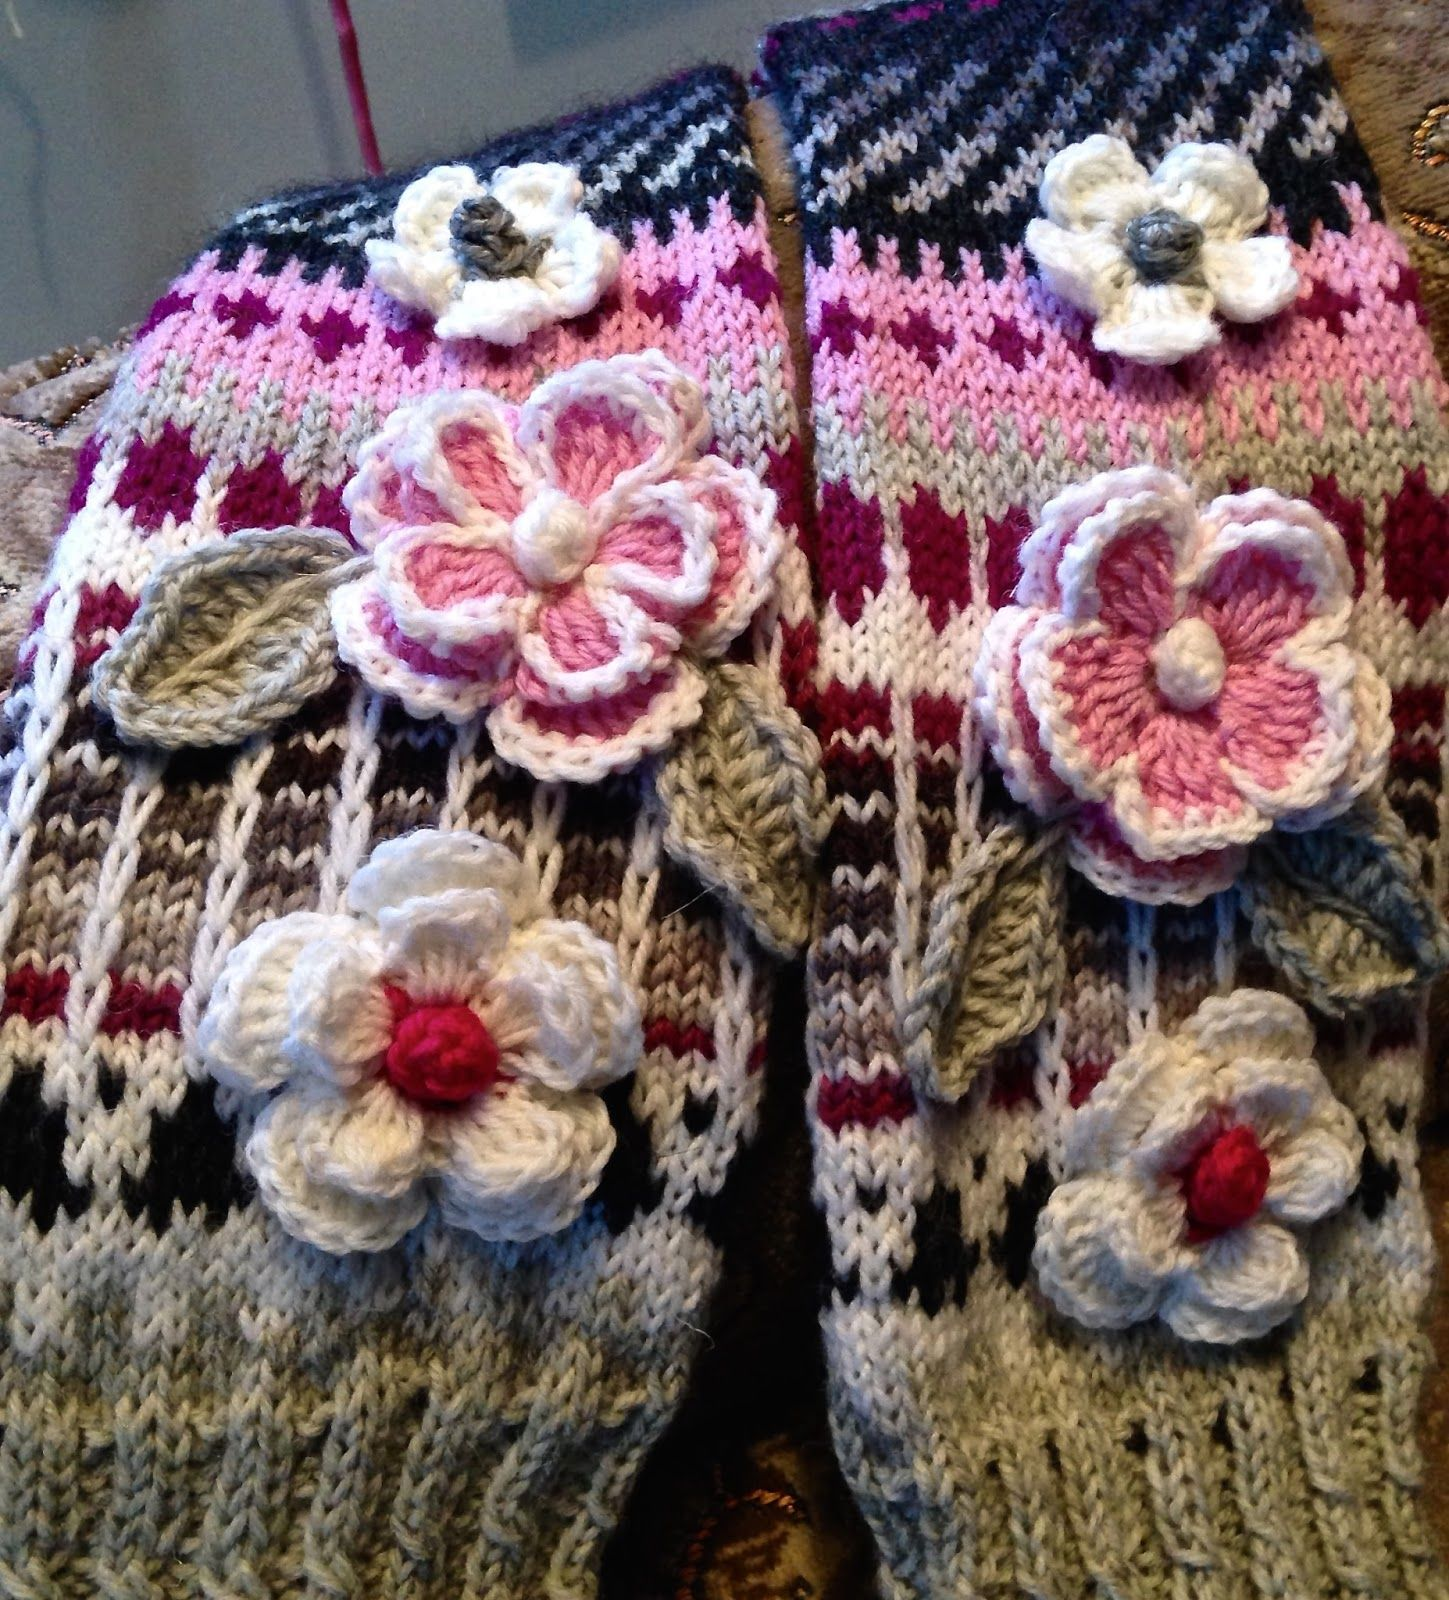 Hei vaan ystävät rakkaat ! Sukkia sukkia vaan..ihanaia -värikkäitä ...